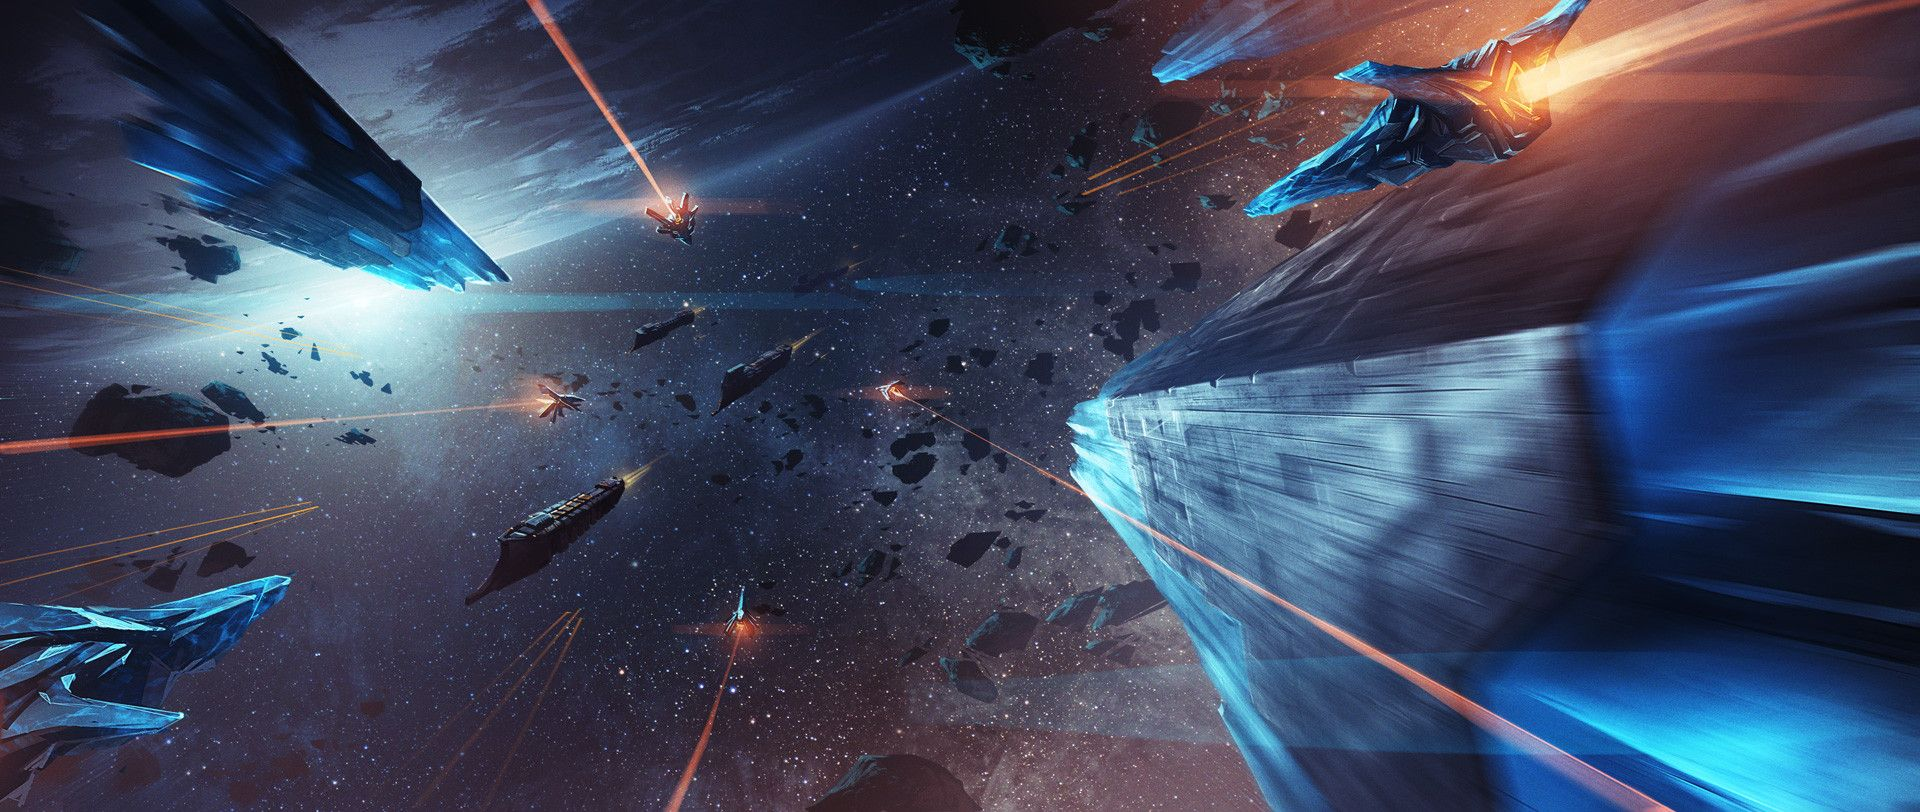 Endless Space + Disharmony DLC